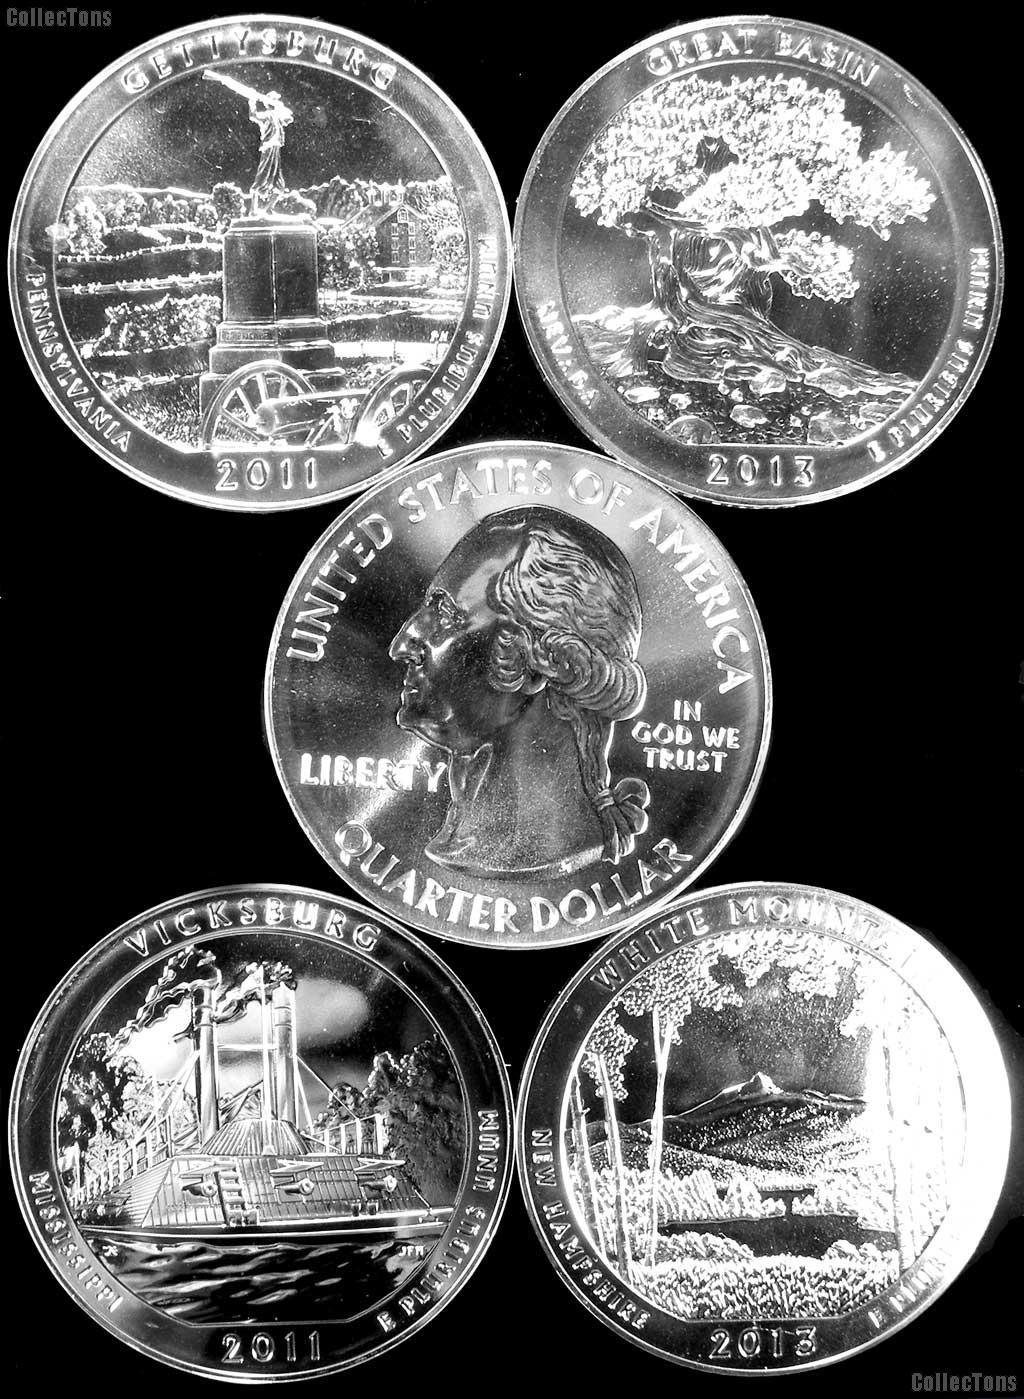 5 Oz Silver National Park ATB Coins - Mixed Dates